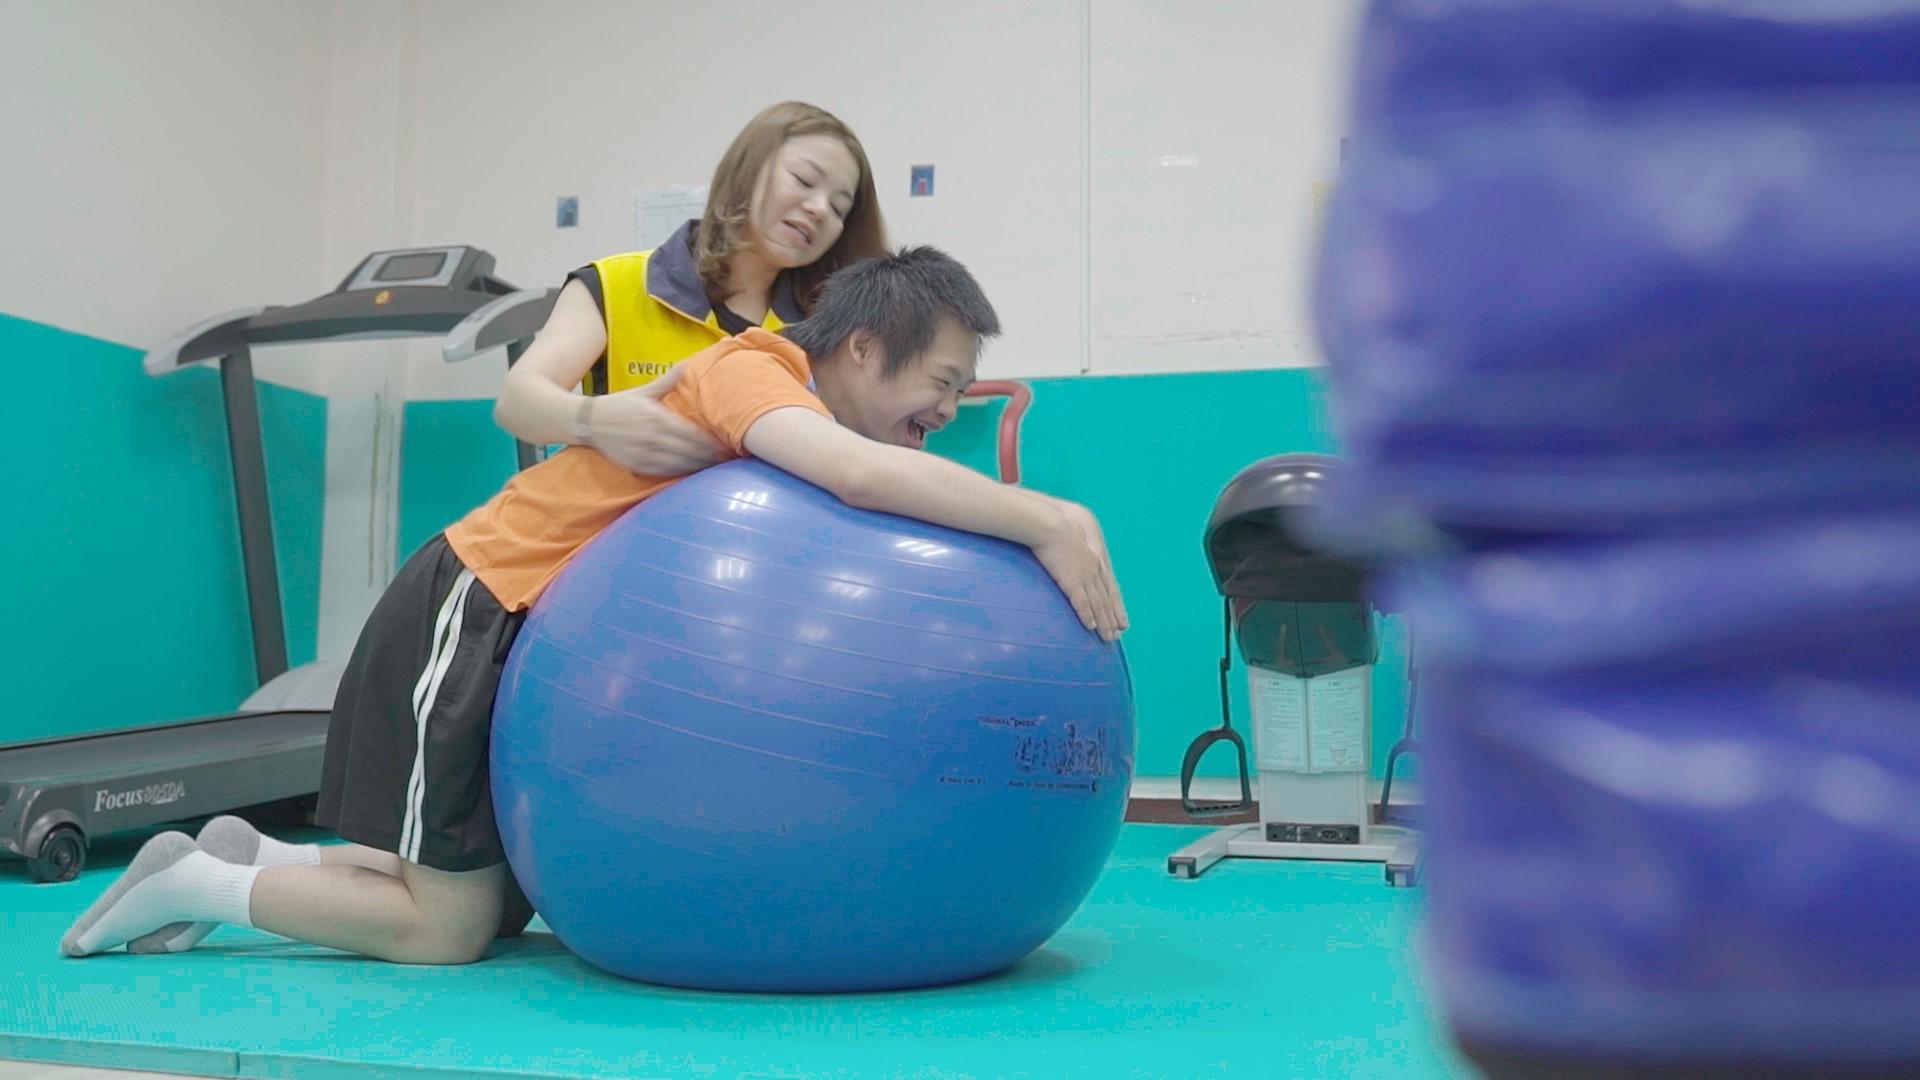 昇恆昌志工協助康福智能發展中心的孩子做跪姿訓練